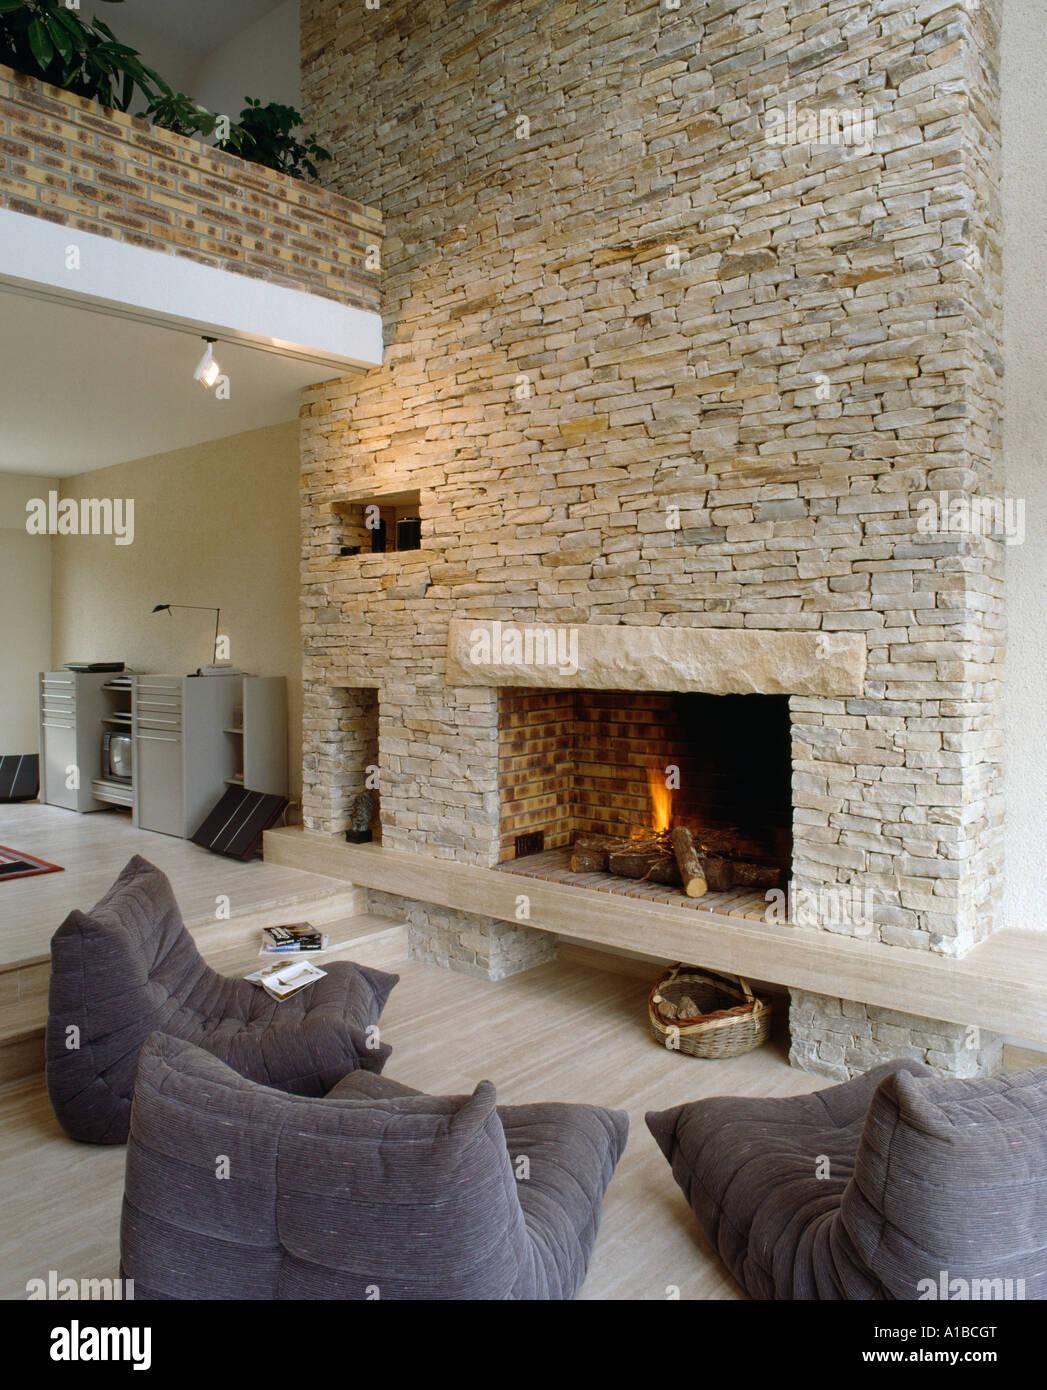 Acceso il fuoco nel camino in pietra parete del fienile conversione, con moderne poltrone di ...